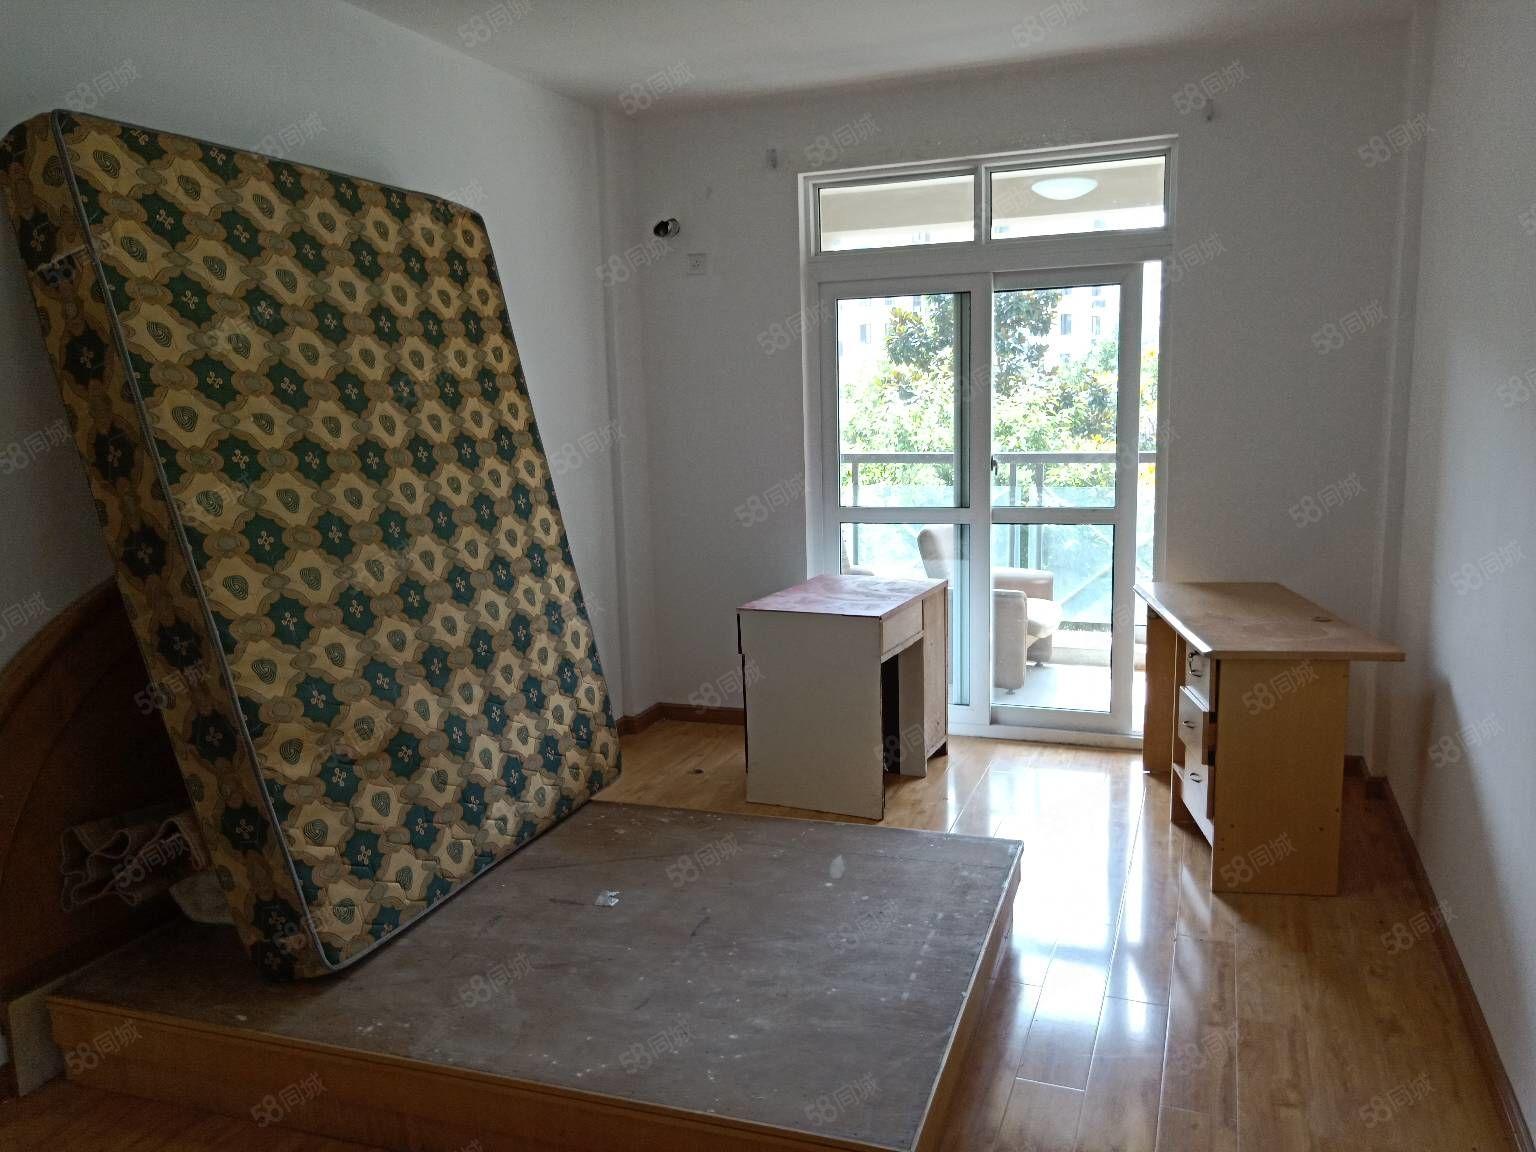 盛家塘4楼68车棚两户用,老装修,干净,拎包入住